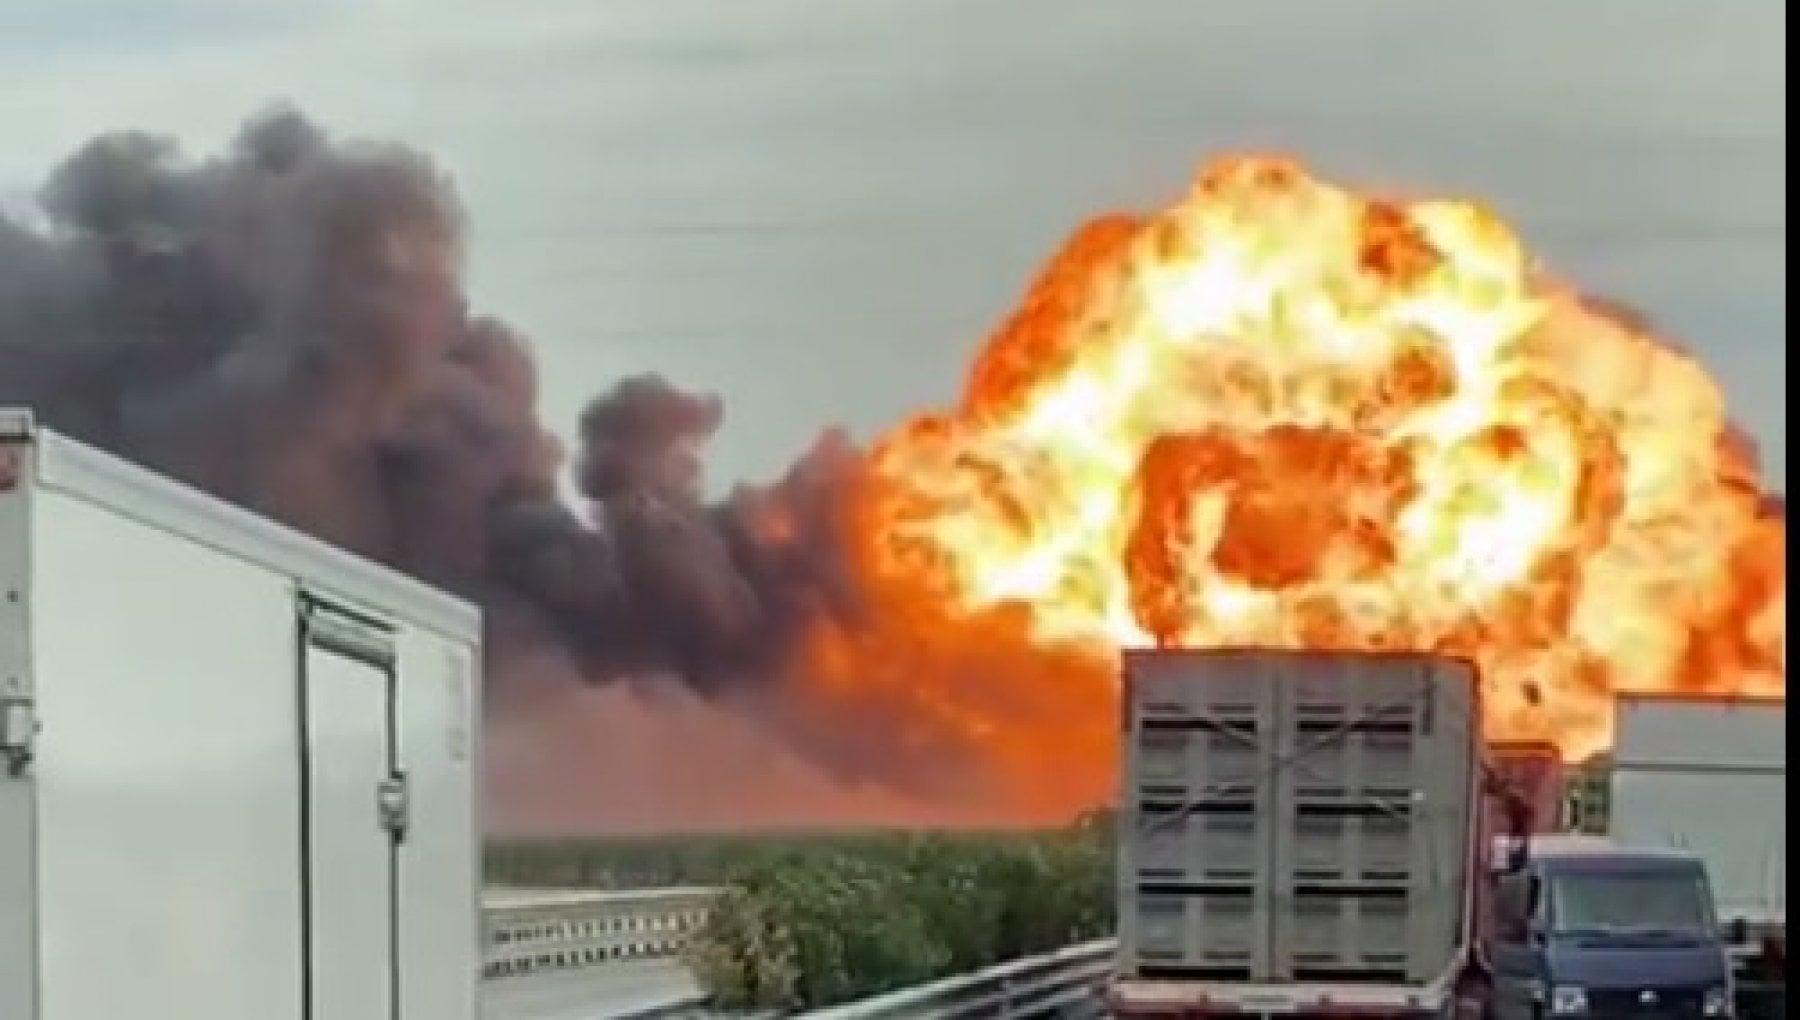 154547386 aa5293f3 2be9 4059 b8e9 593b9f5407c6 - Esplode un'autocisterna sulla Statale Foggia-Candela, vigili del fuoco evitano la strage: un ferito